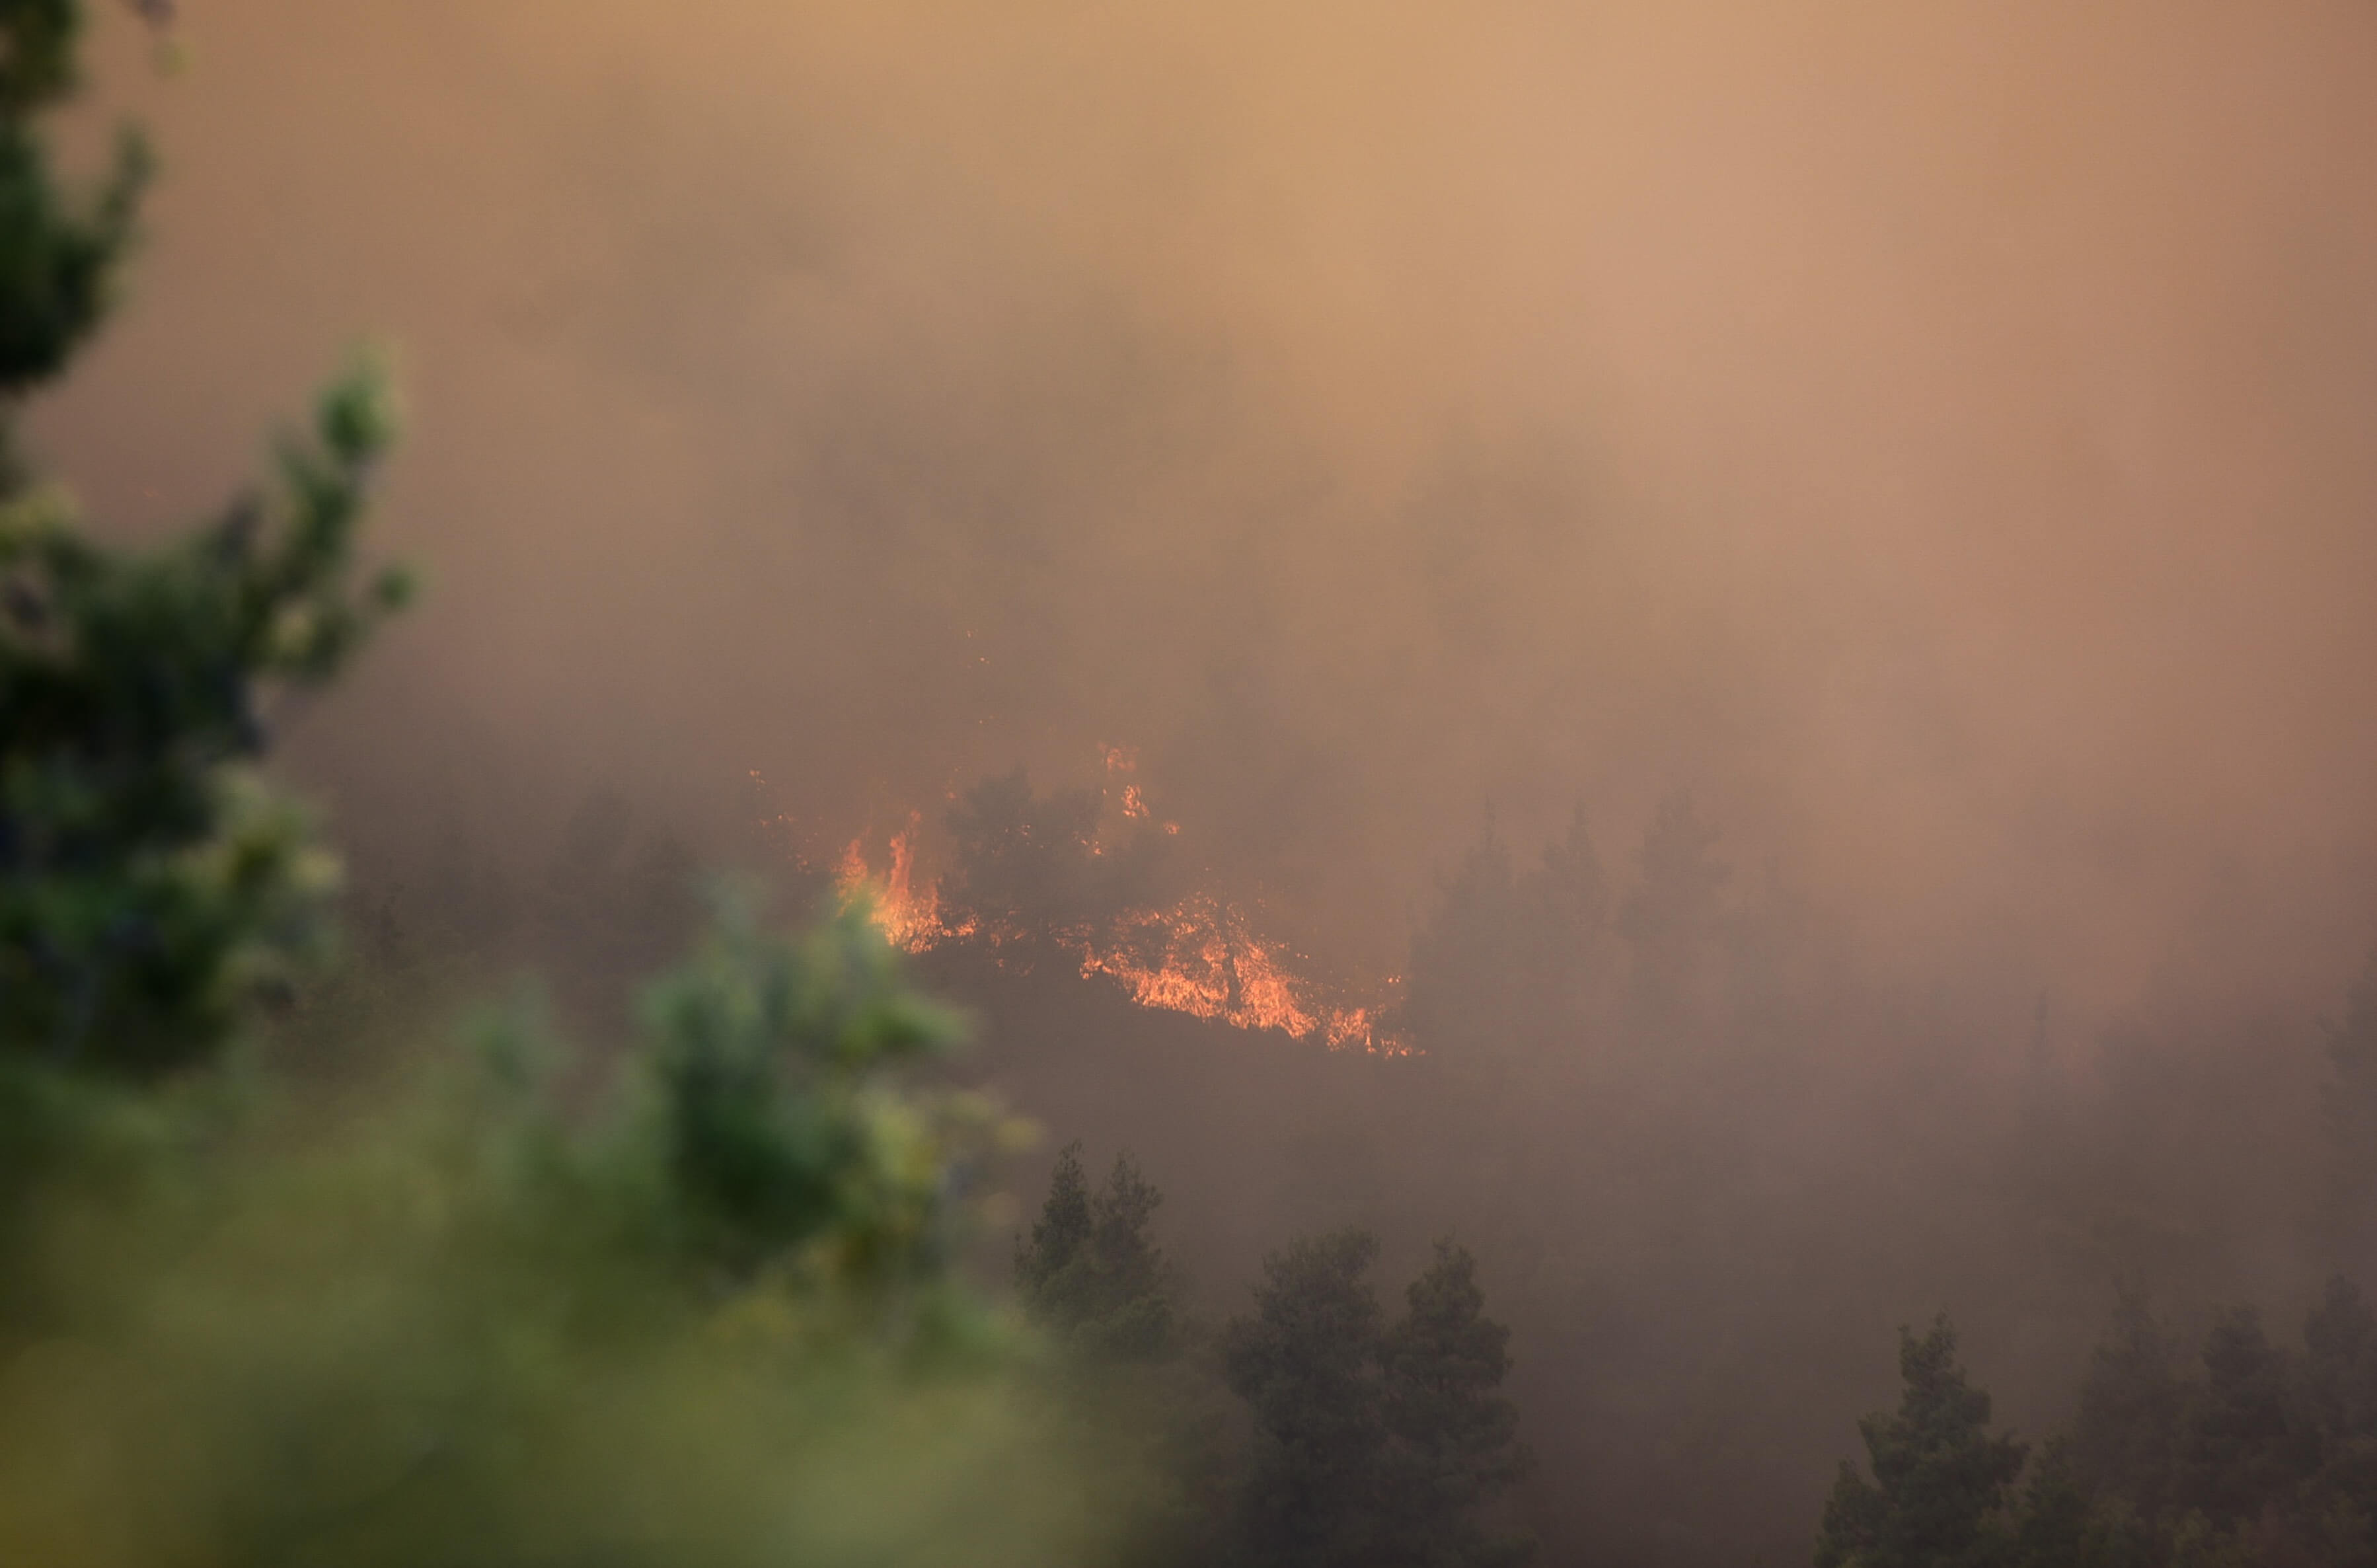 Συναγερμός σε όλη τη χώρα για τον ακραίο κίνδυνο πυρκαγιάς! Ποιες περιοχές βρίσκονται στο «κόκκινο» - Σήμερα η δυσκολότερη μέρα